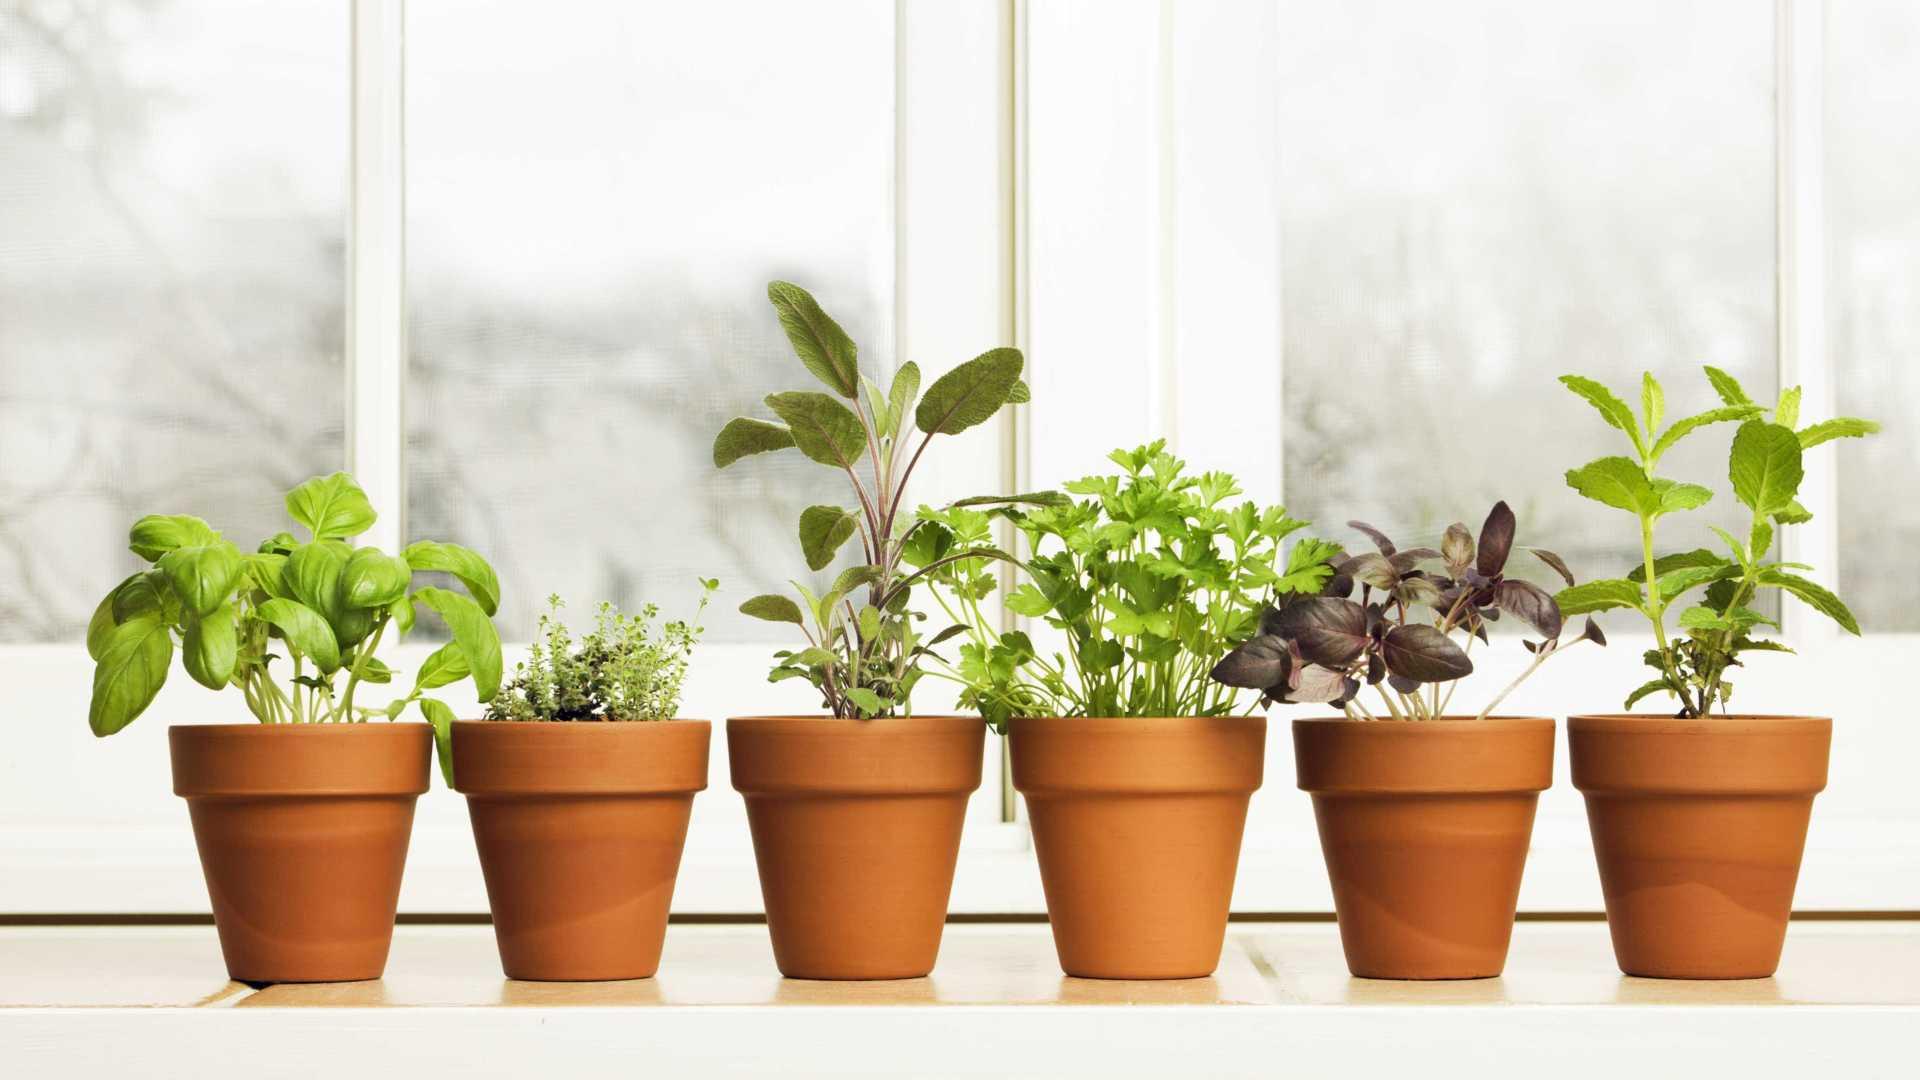 como fazer uma horta em vasos : como fazer horta